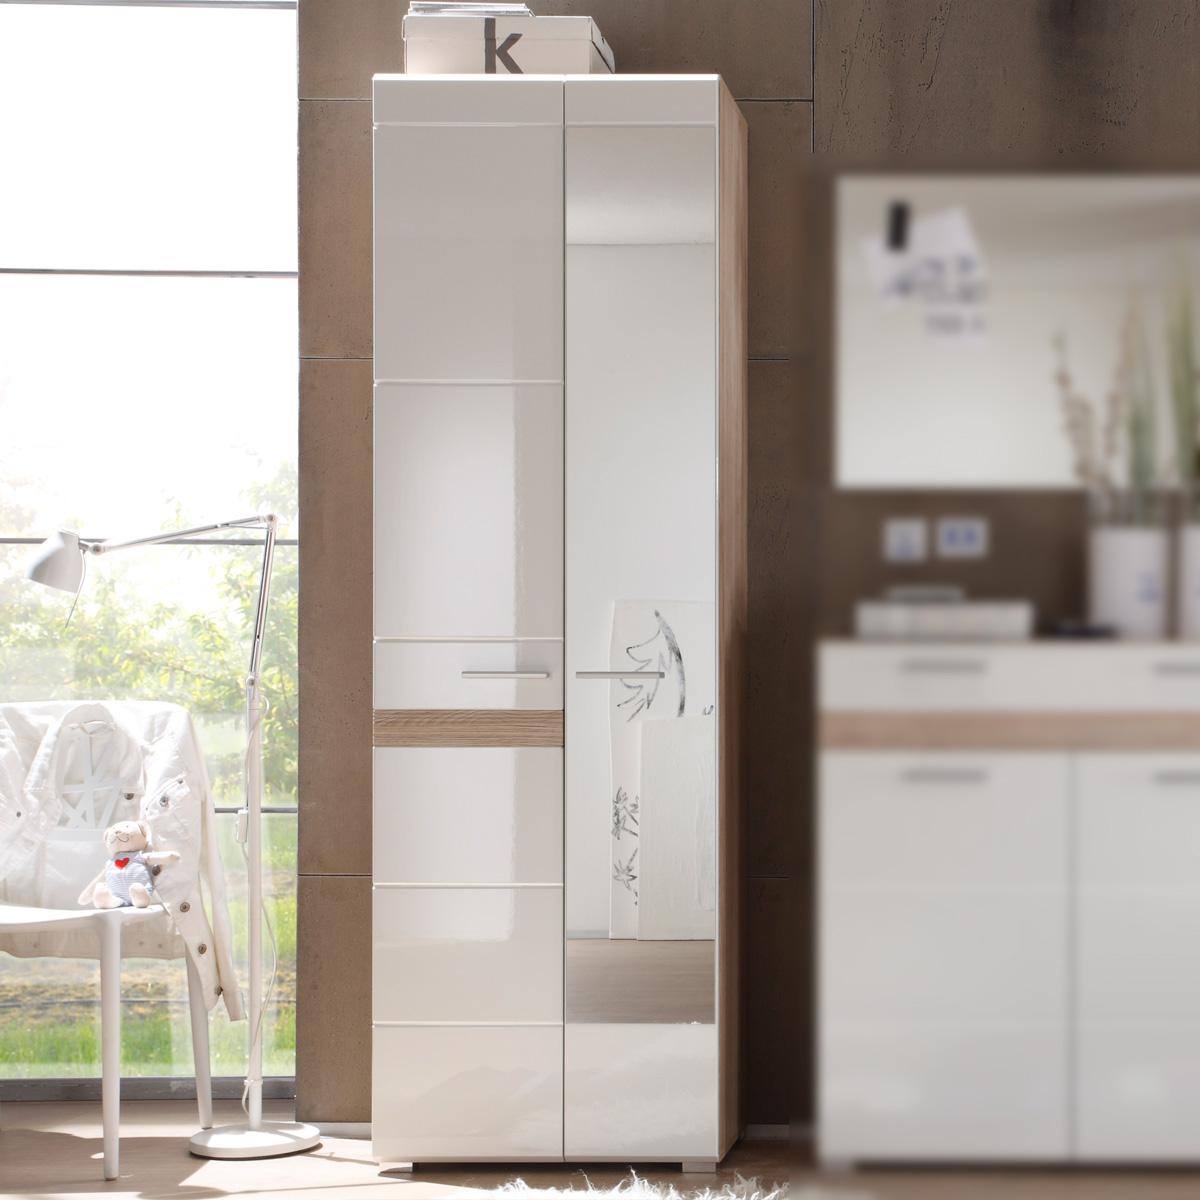 garderobenschrank setone hochschrank garderobe in eiche. Black Bedroom Furniture Sets. Home Design Ideas